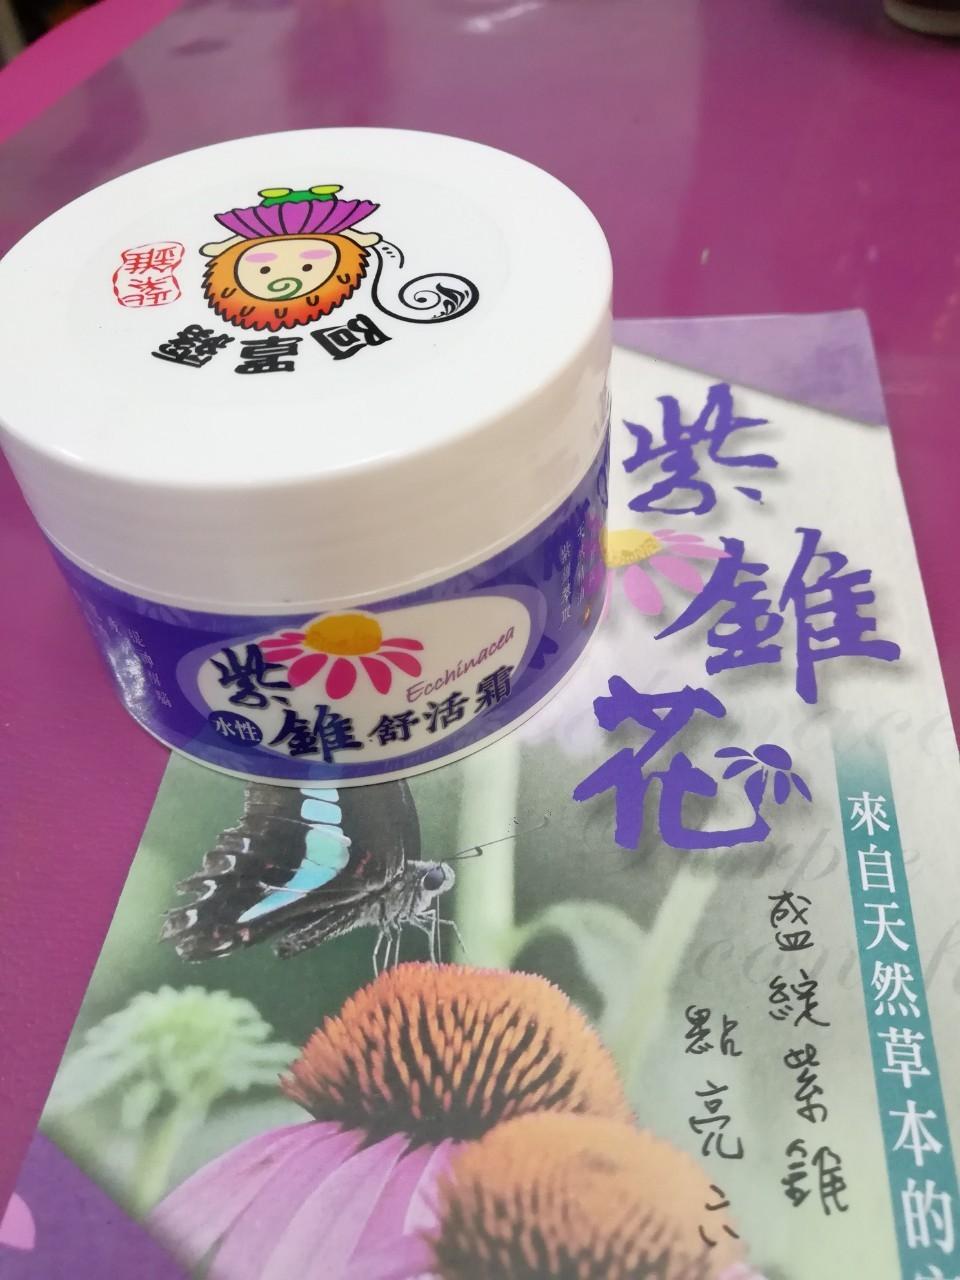 紫錐花相關系列產品